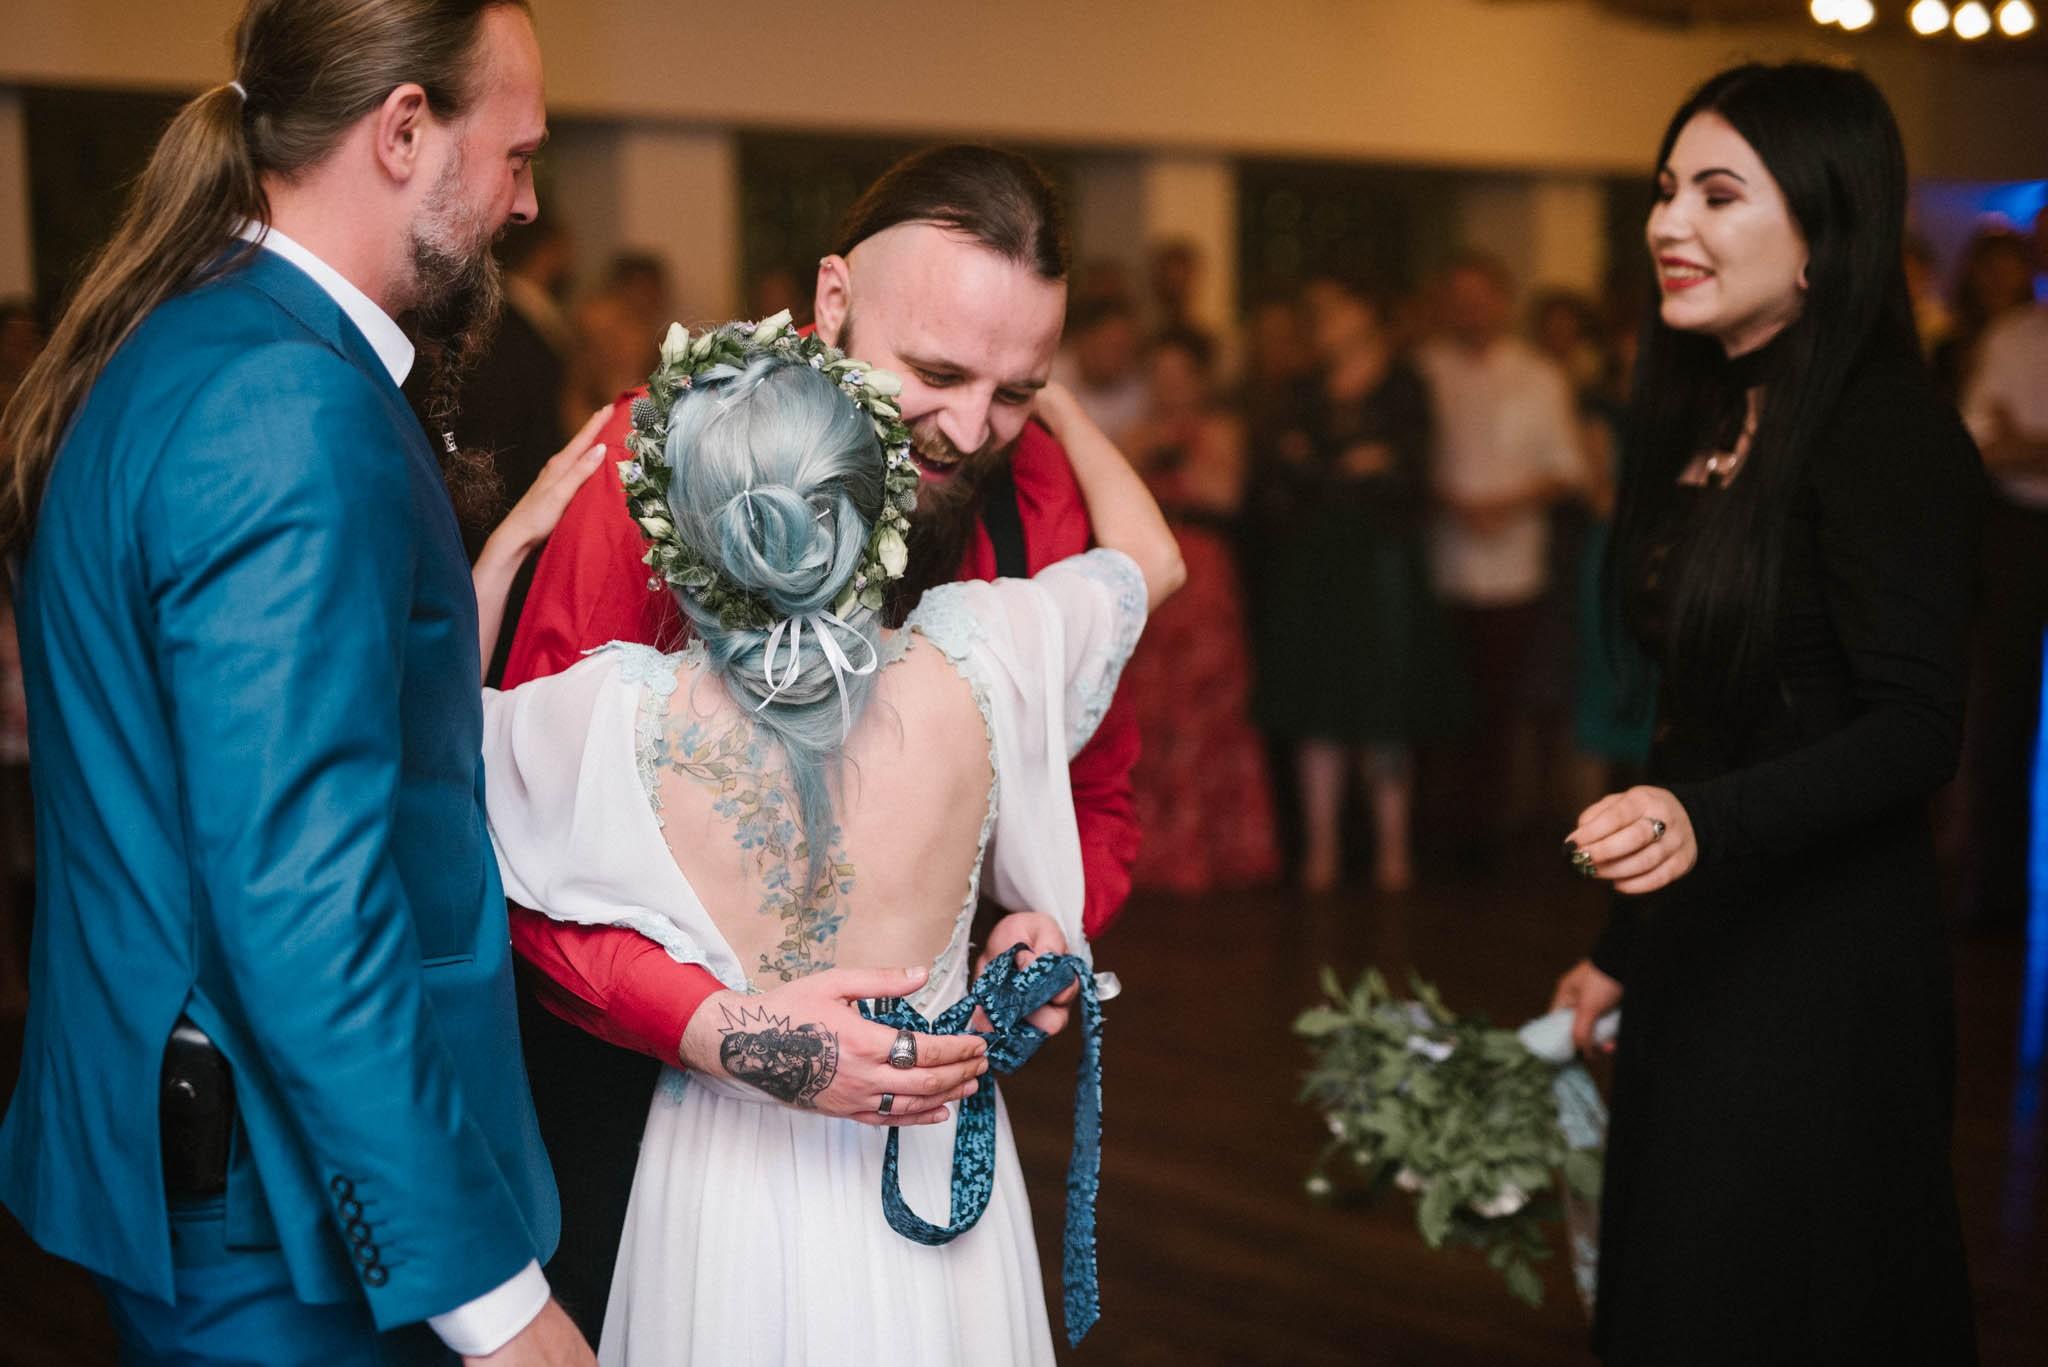 Pani młoda gratuluje wygranemu zabawy - Sesja ślubna w Miłosławiu w Bagatelce